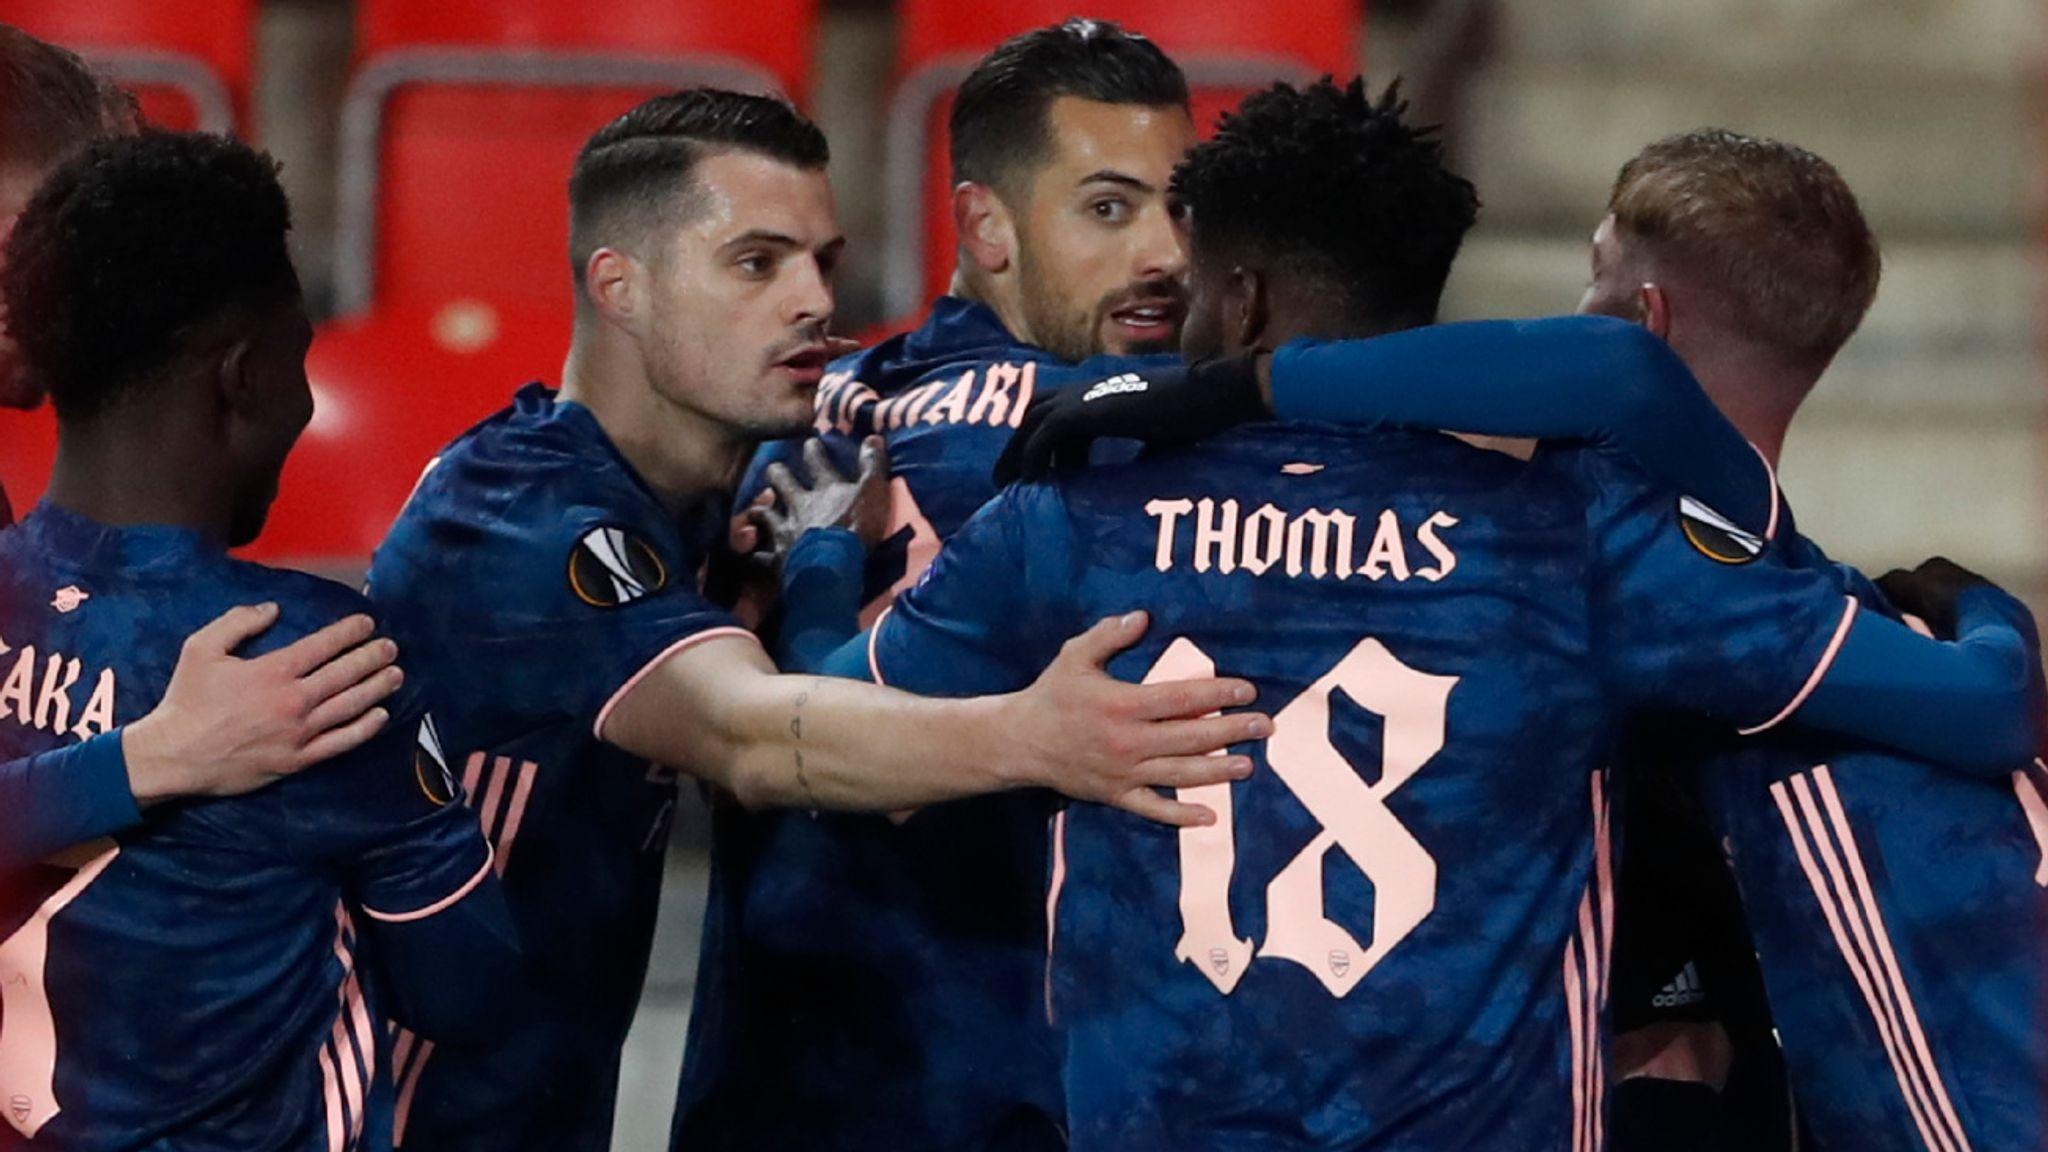 Gặp lại 'người cũ' ở bán kết Europa League, fan Pháo thủ lên tiếng: 'Cẩn thận với lão già Unai'